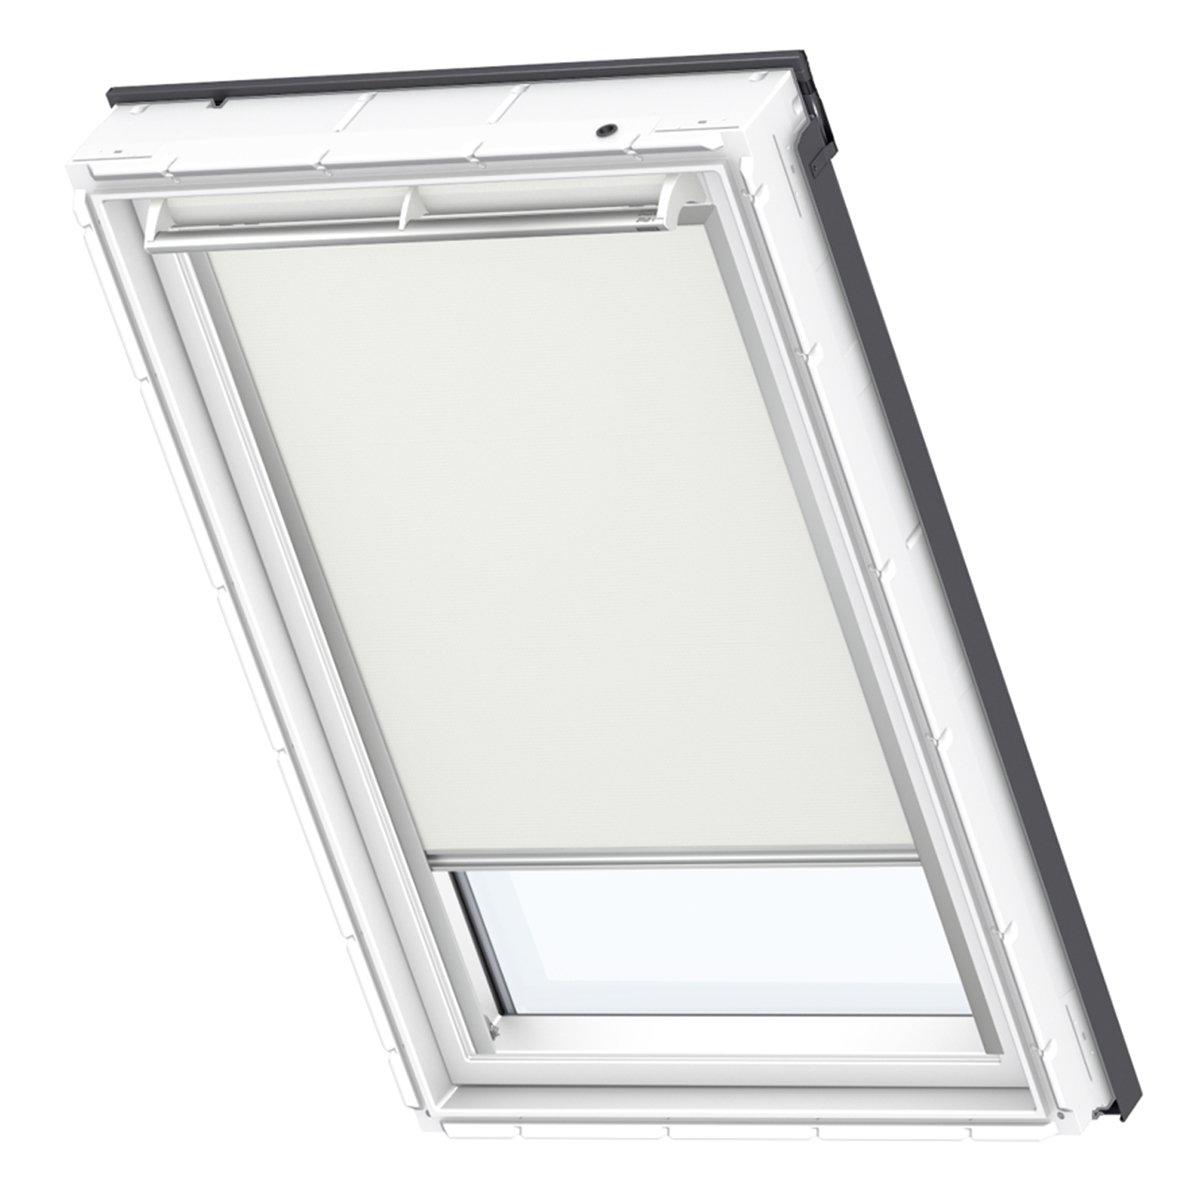 VELUX Original Verdunkelungrollo Dachfenster, FK04, Uni Beige